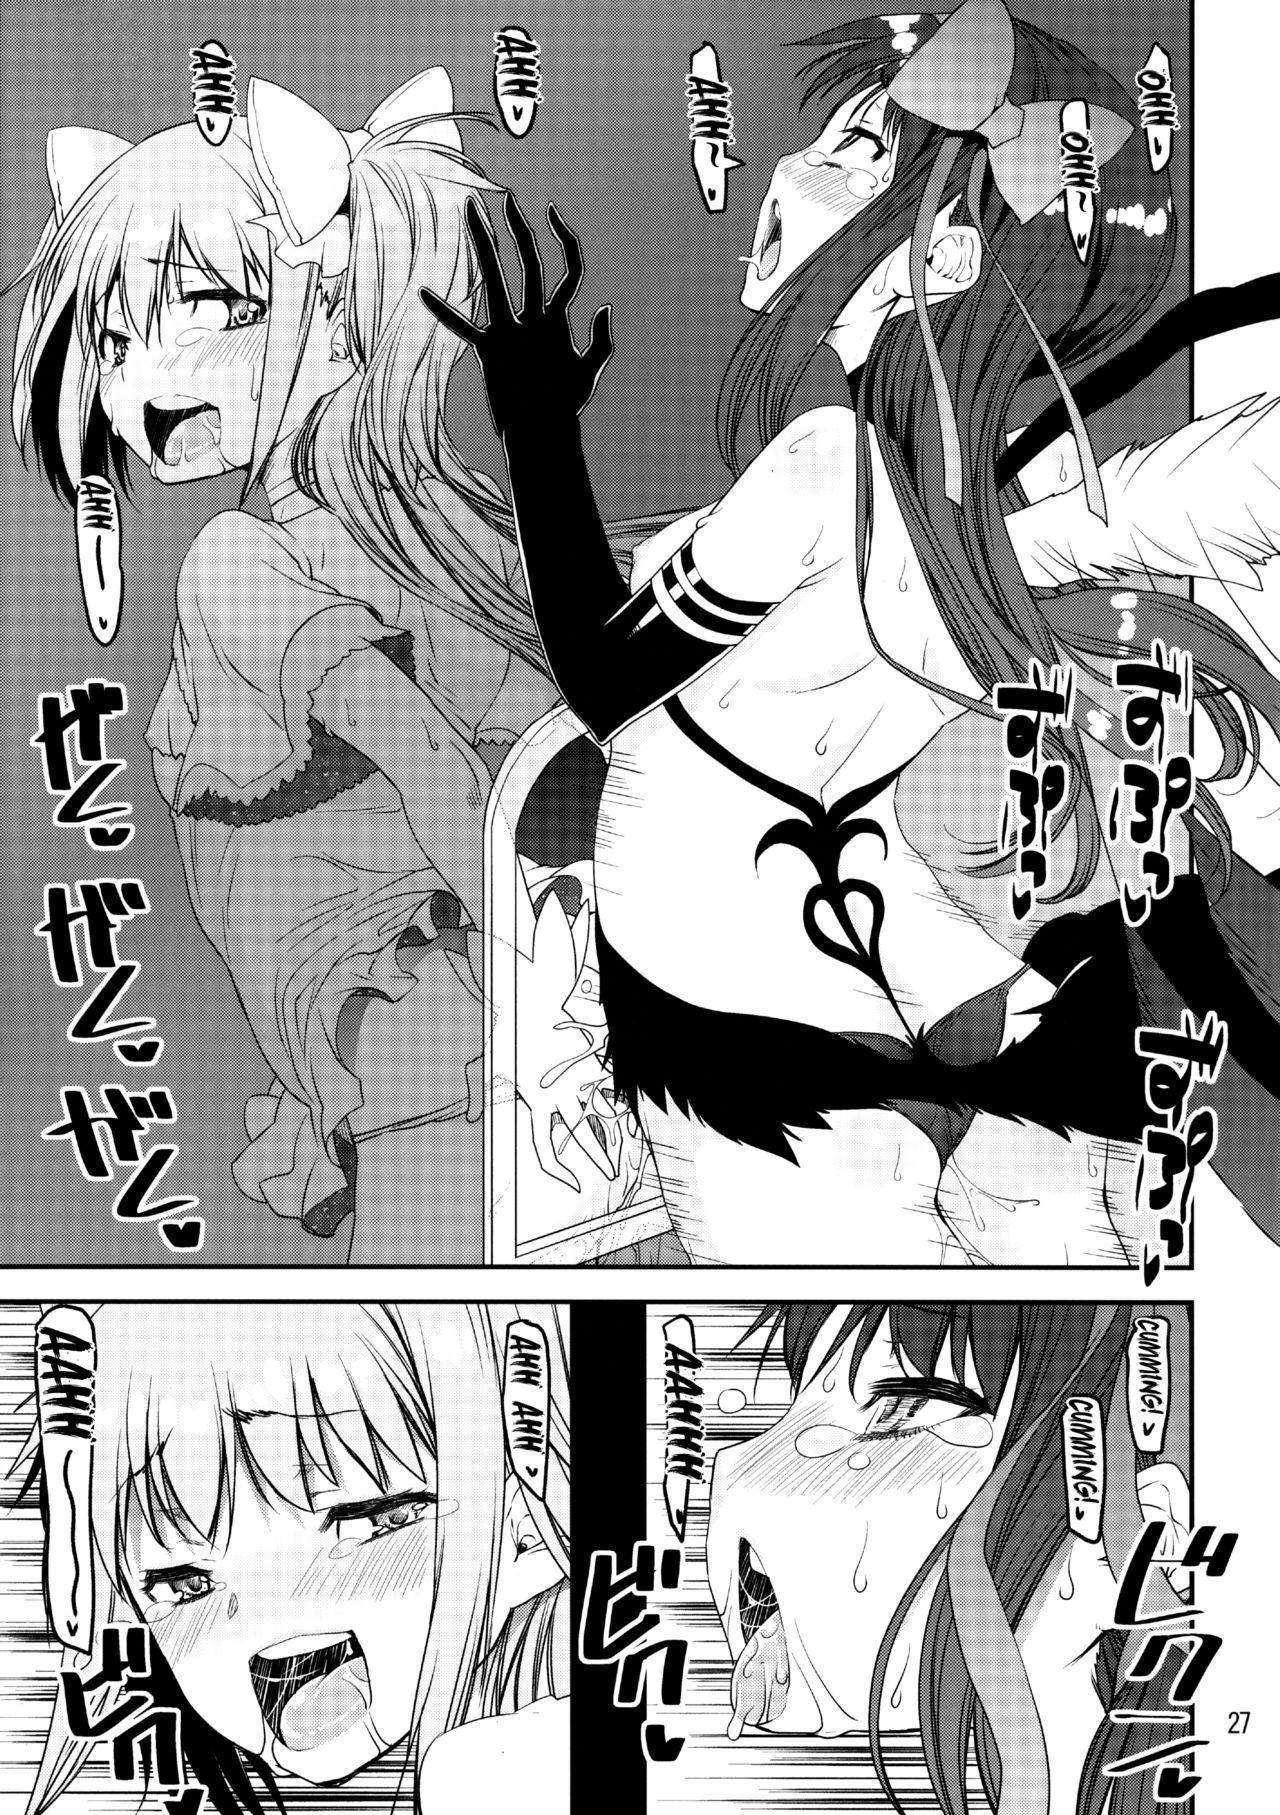 Kami to Akuma no Pantsu Jijou | The God and Devil Panty Situation 24